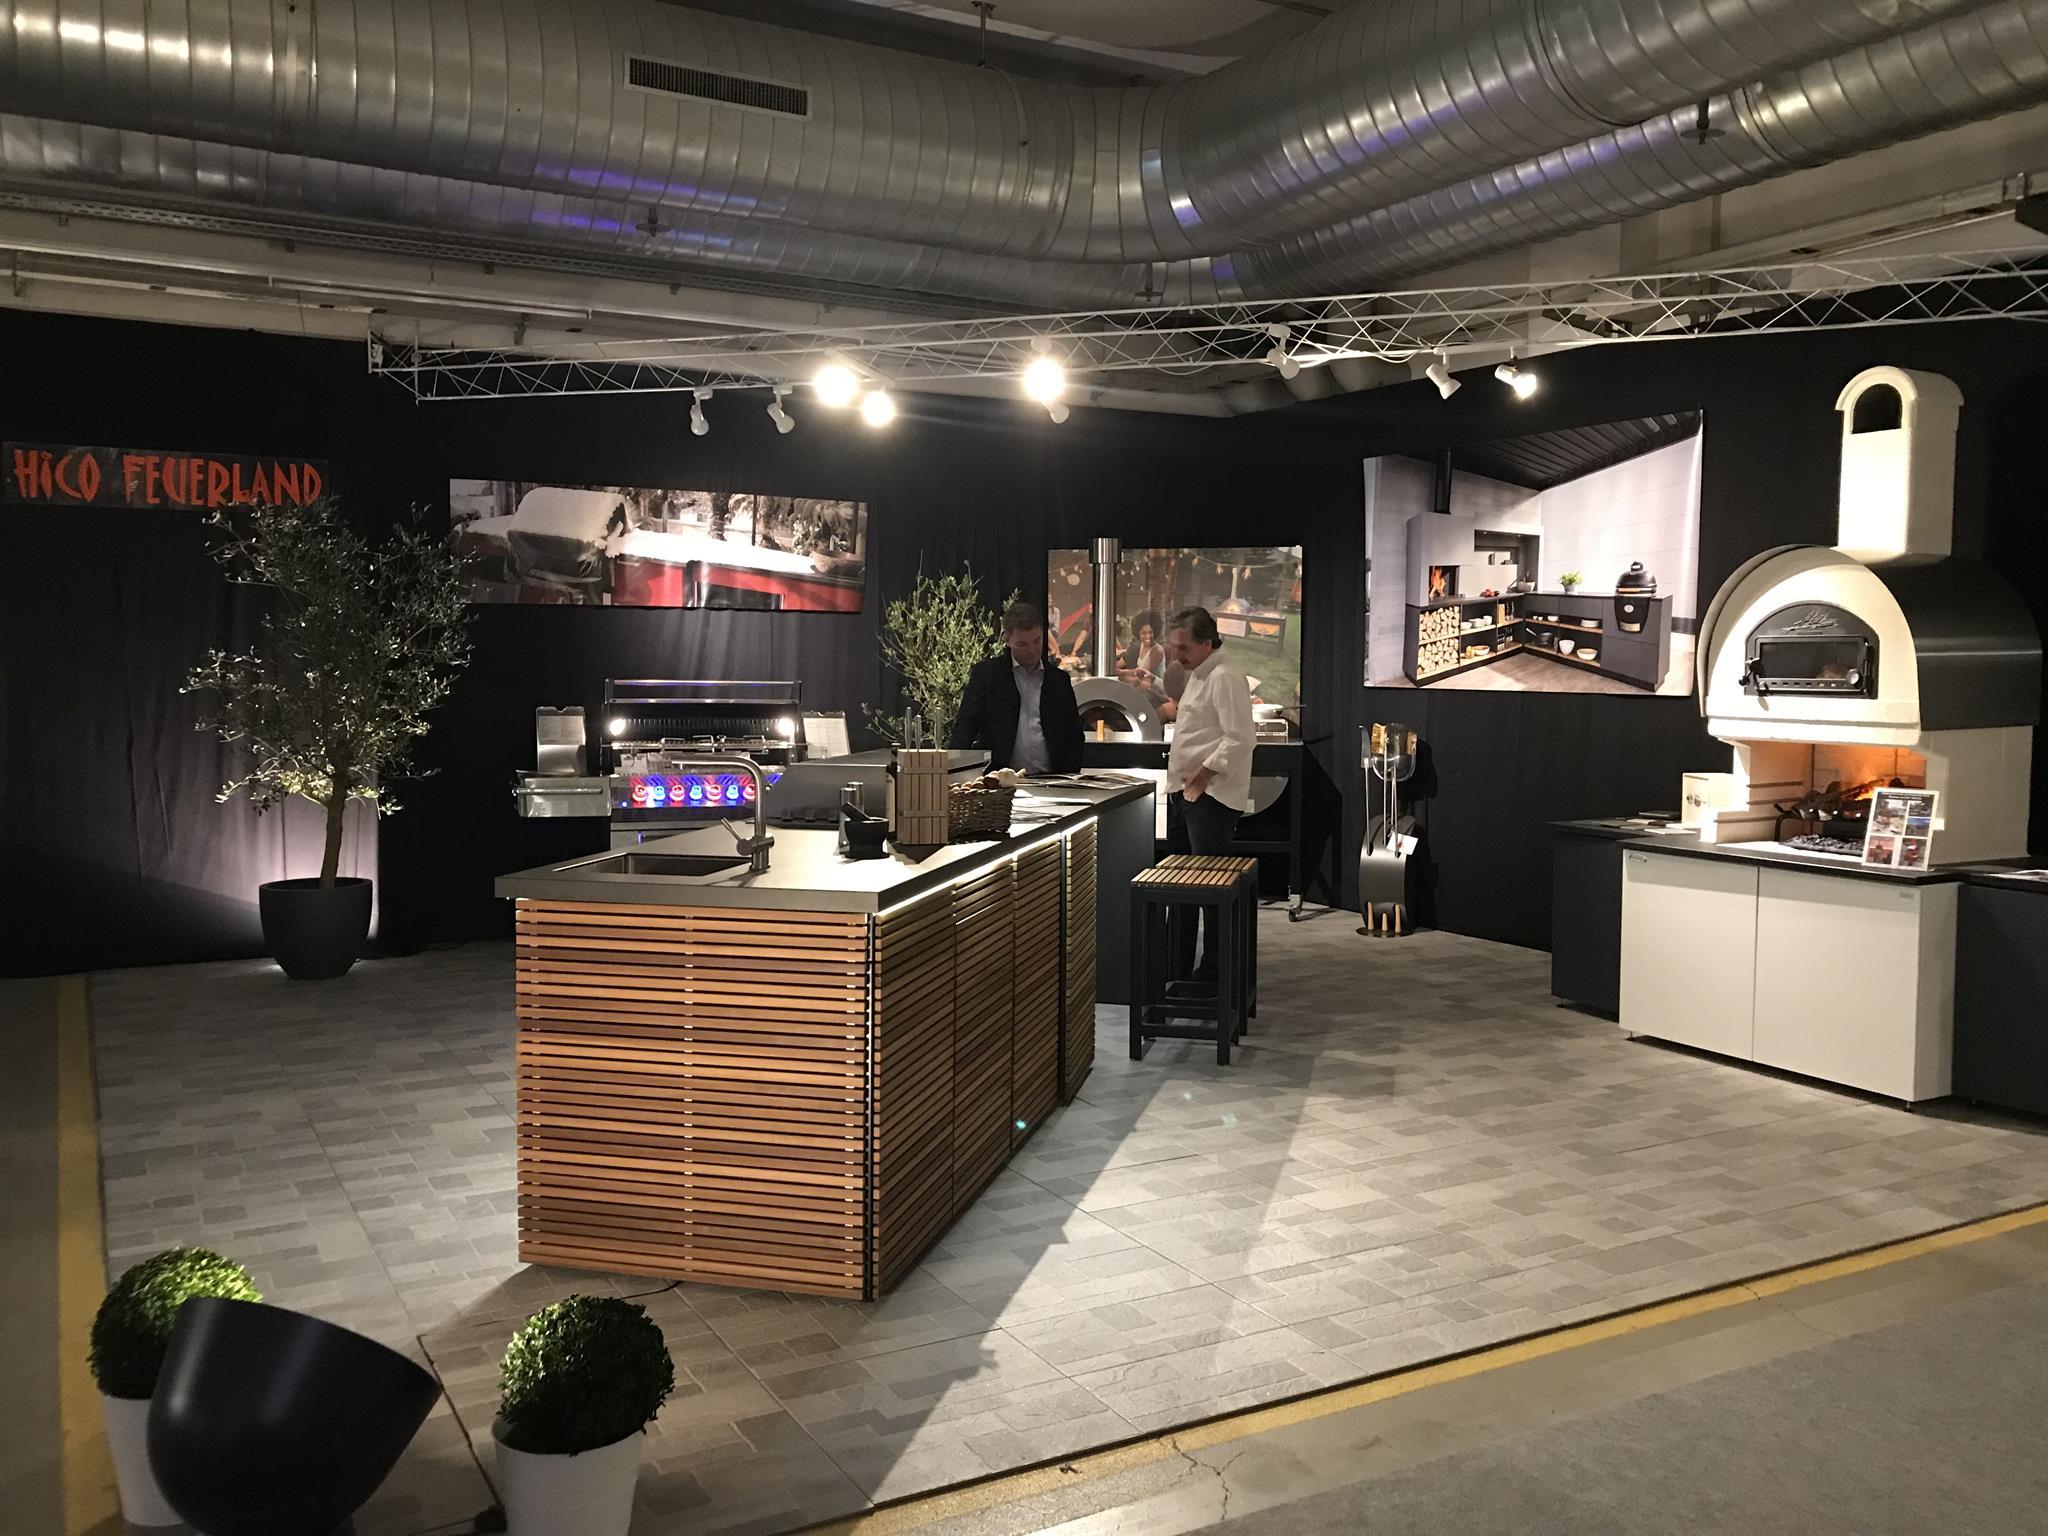 Outdoorküche Zubehör Schweiz : Bigmeatlove on tour roadtrip teil 2 paris